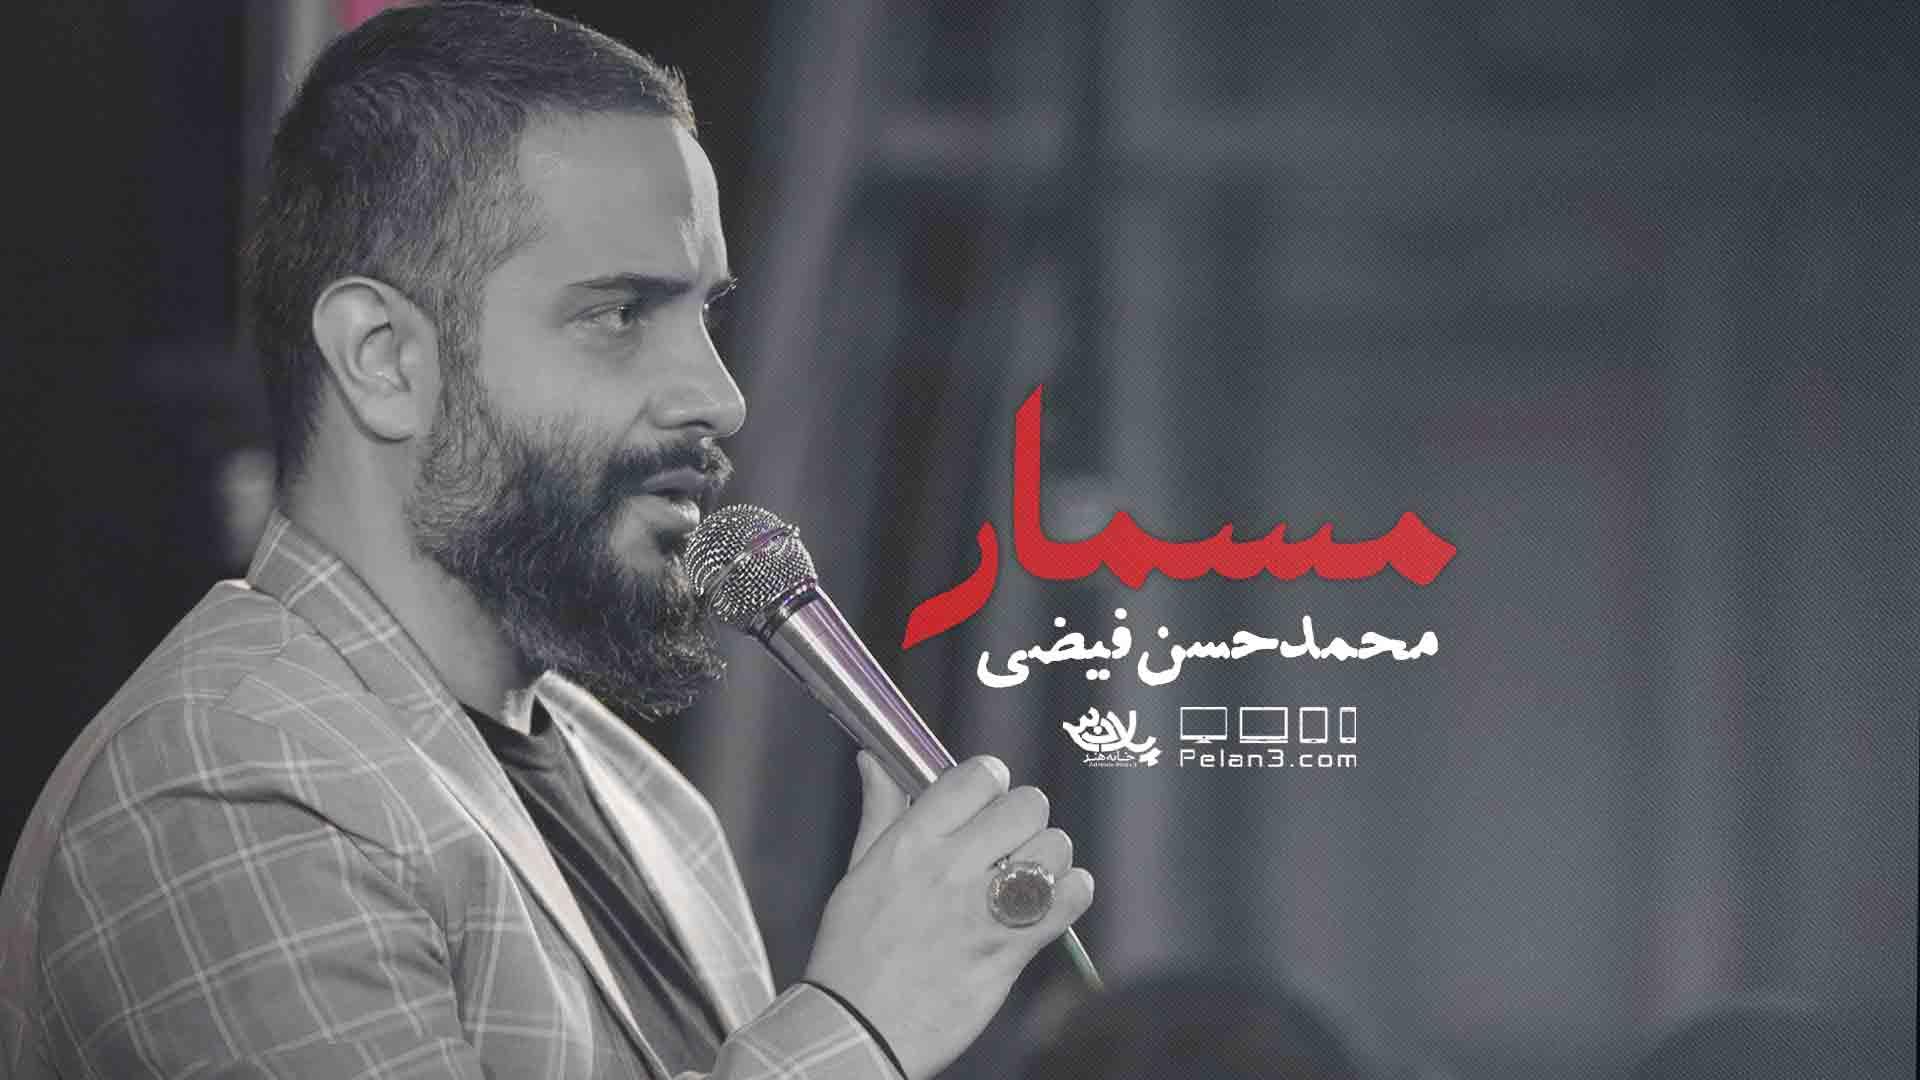 روضه مسمار محمدحسن فیضی